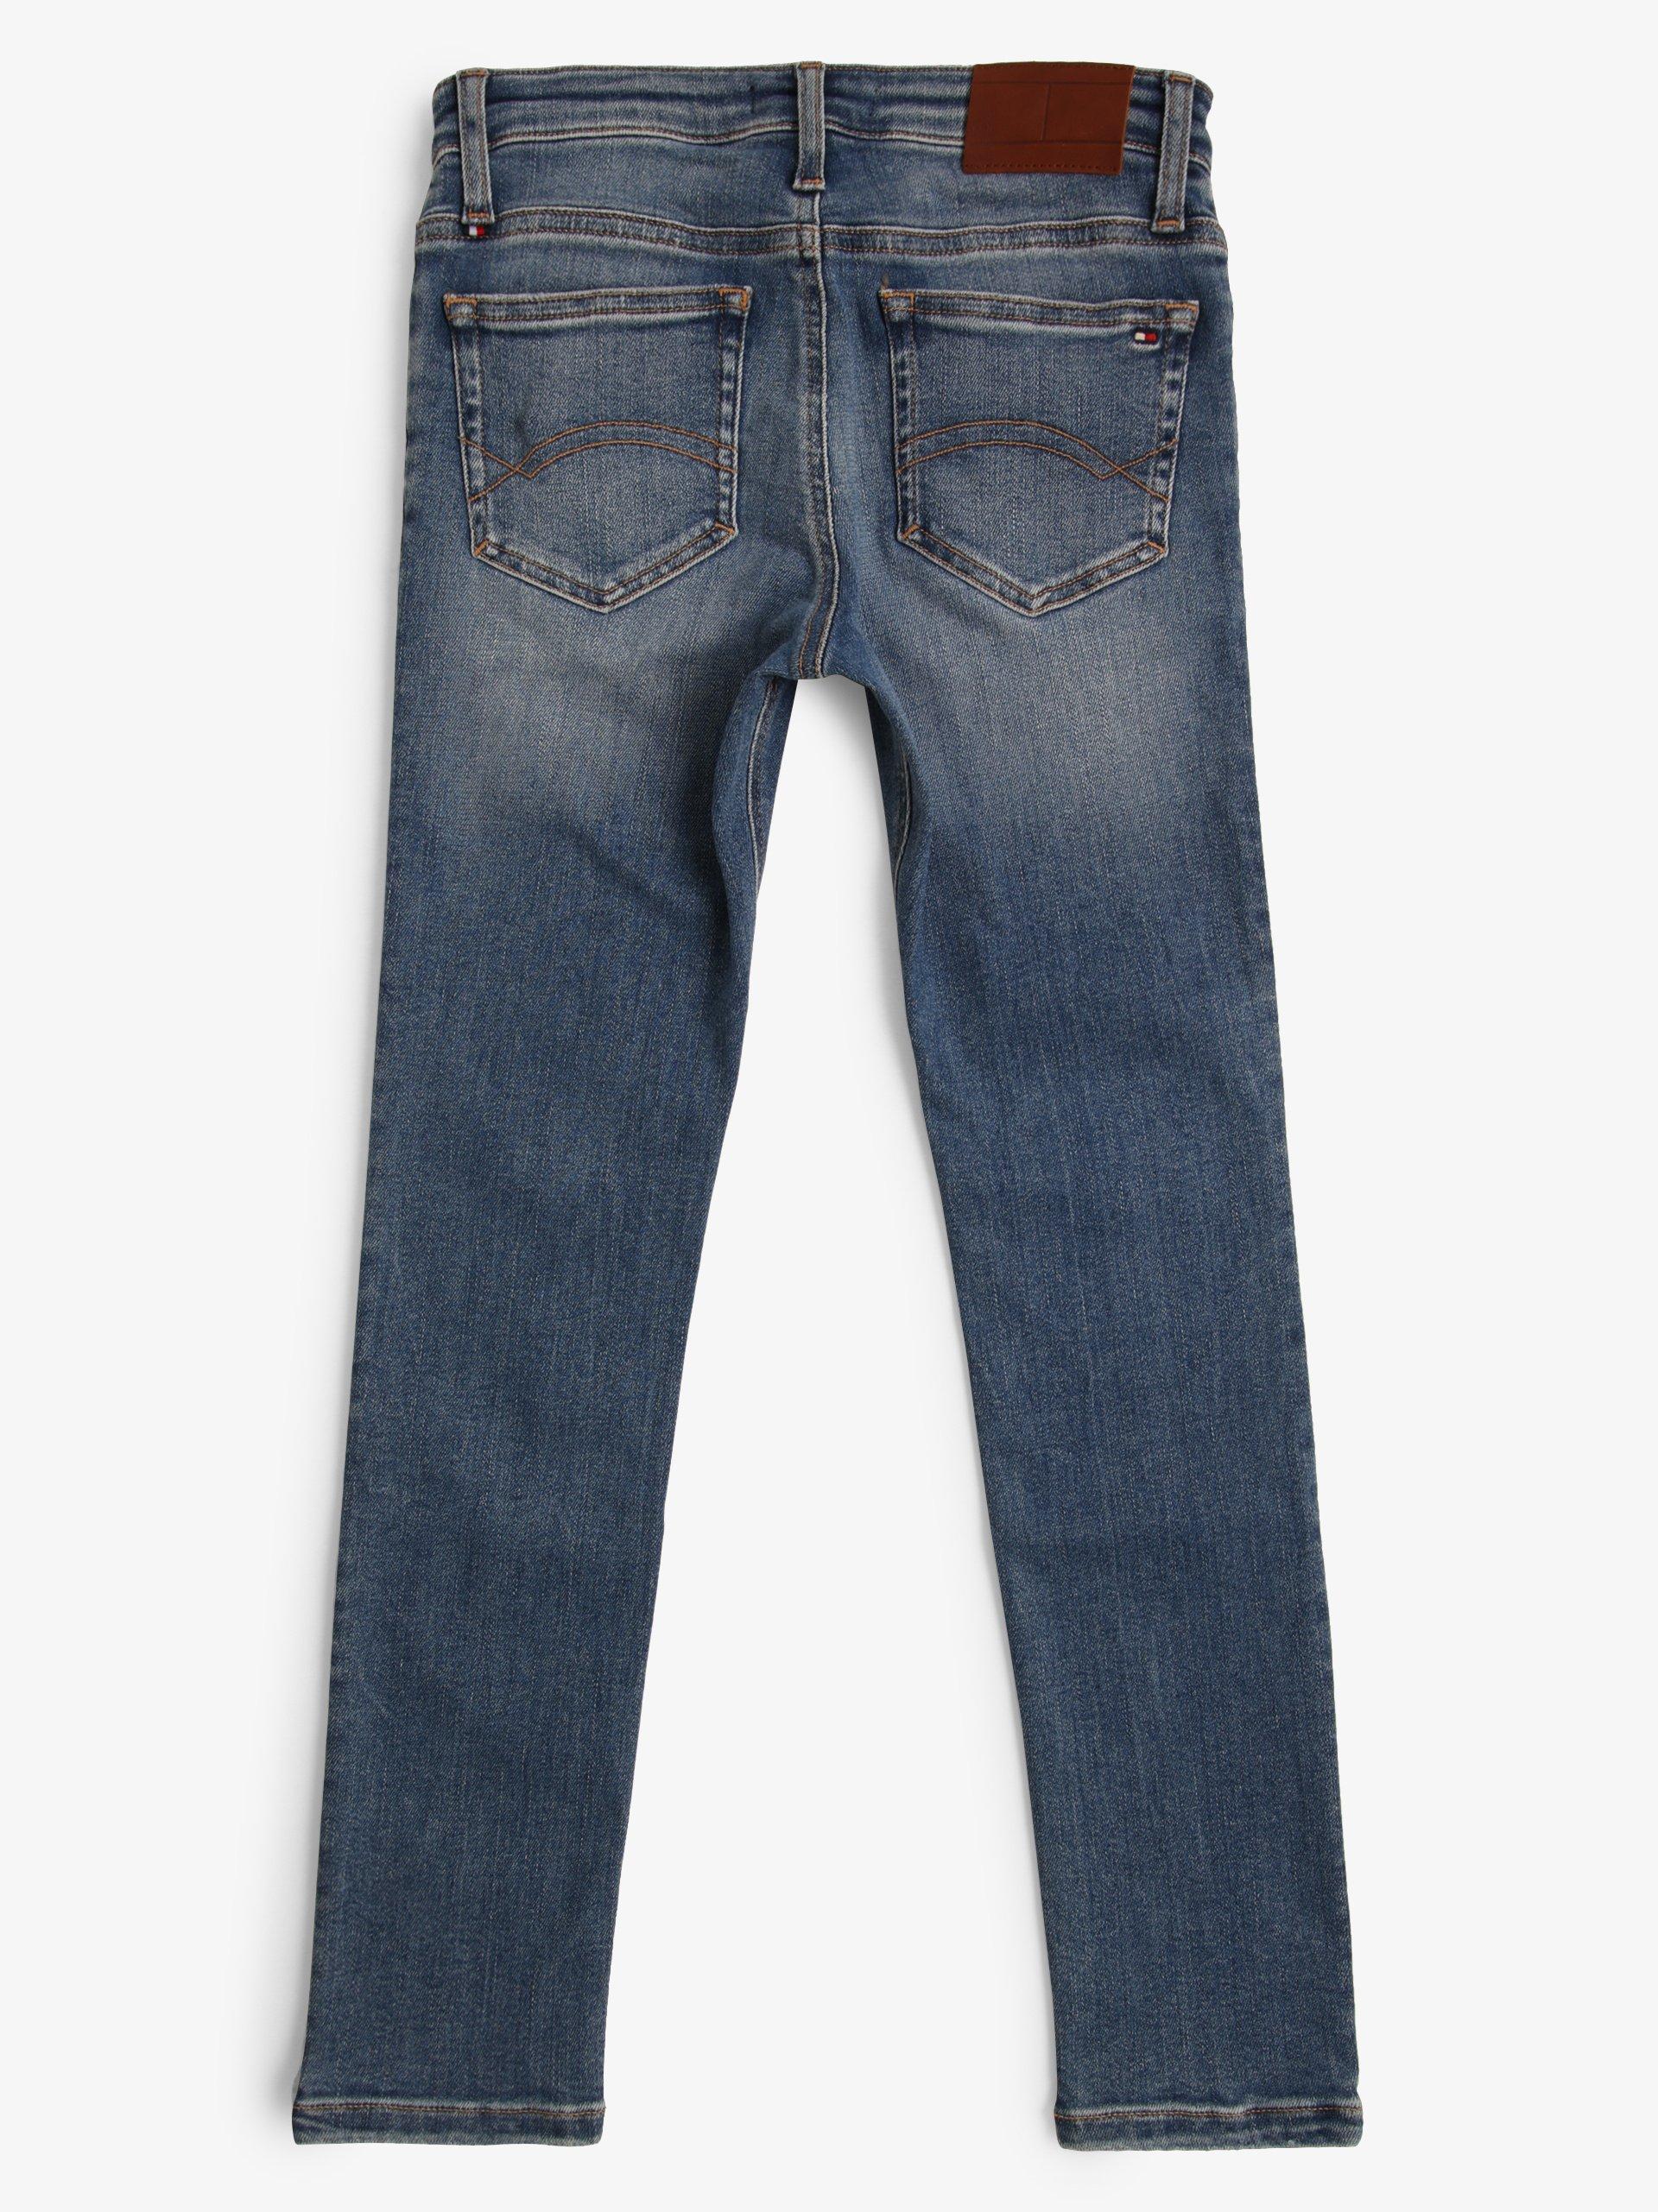 Tommy Hilfiger Jungen Jeans Slim Tapered Fit - Steve